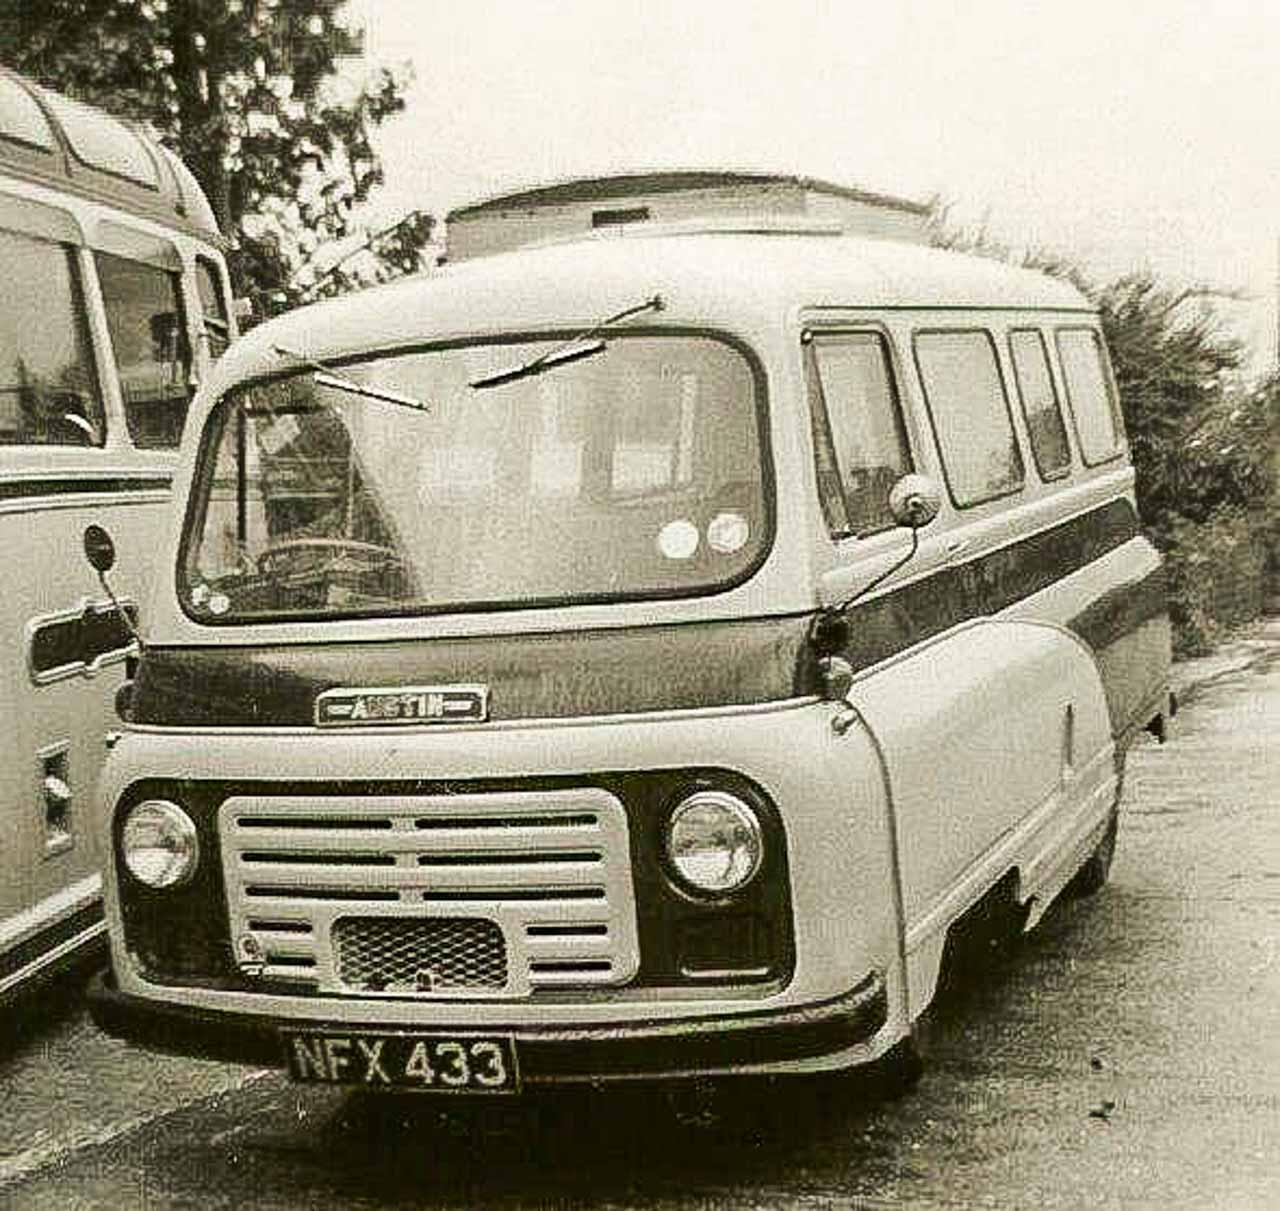 Hazel took her test in this Austin minibus in 1962 (photo © R Grimley)